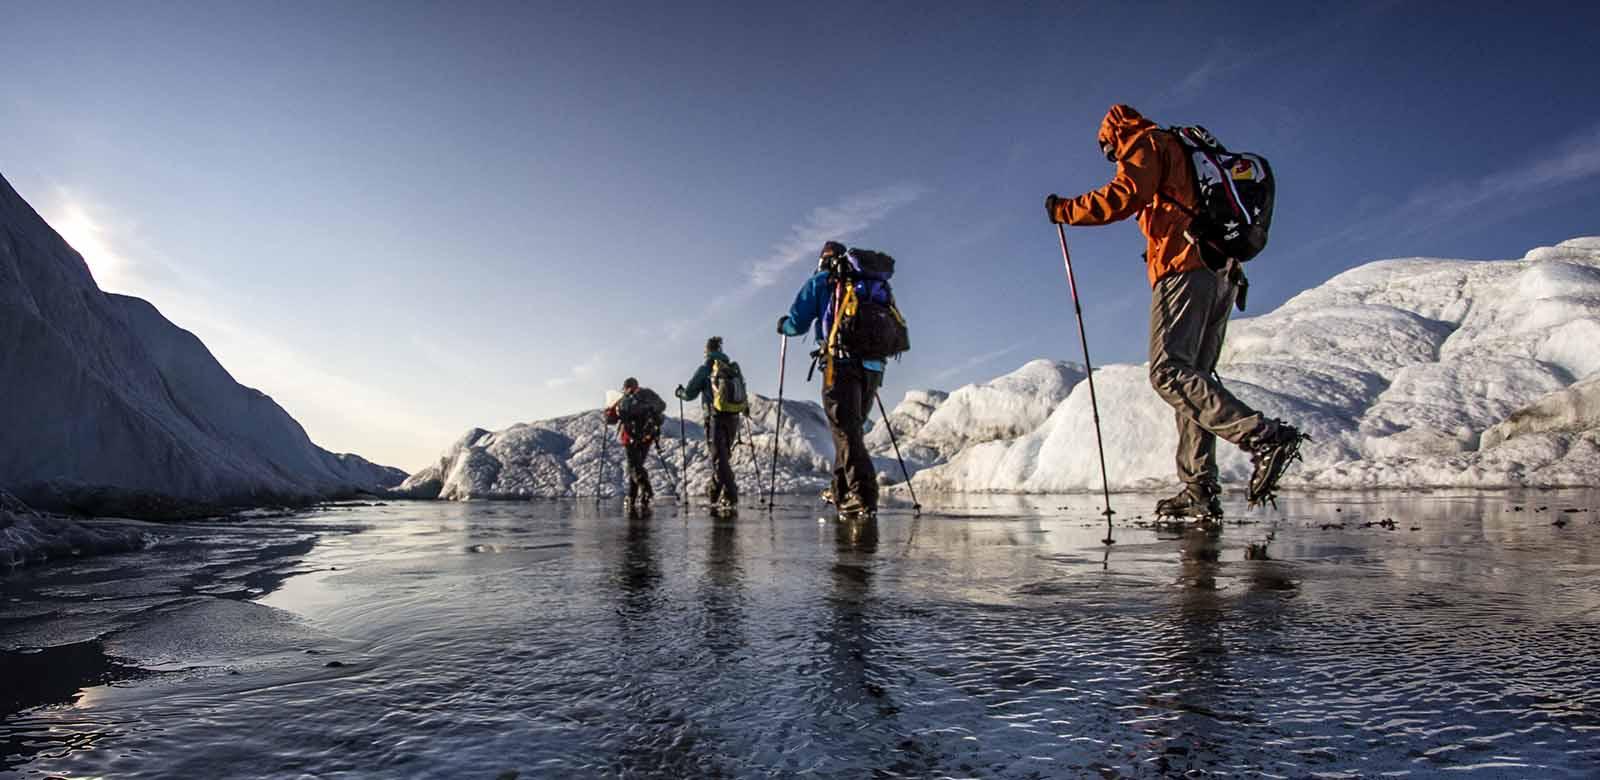 Grönland'ın Kangerlussuaq şehrinde gerçekleşecek olan